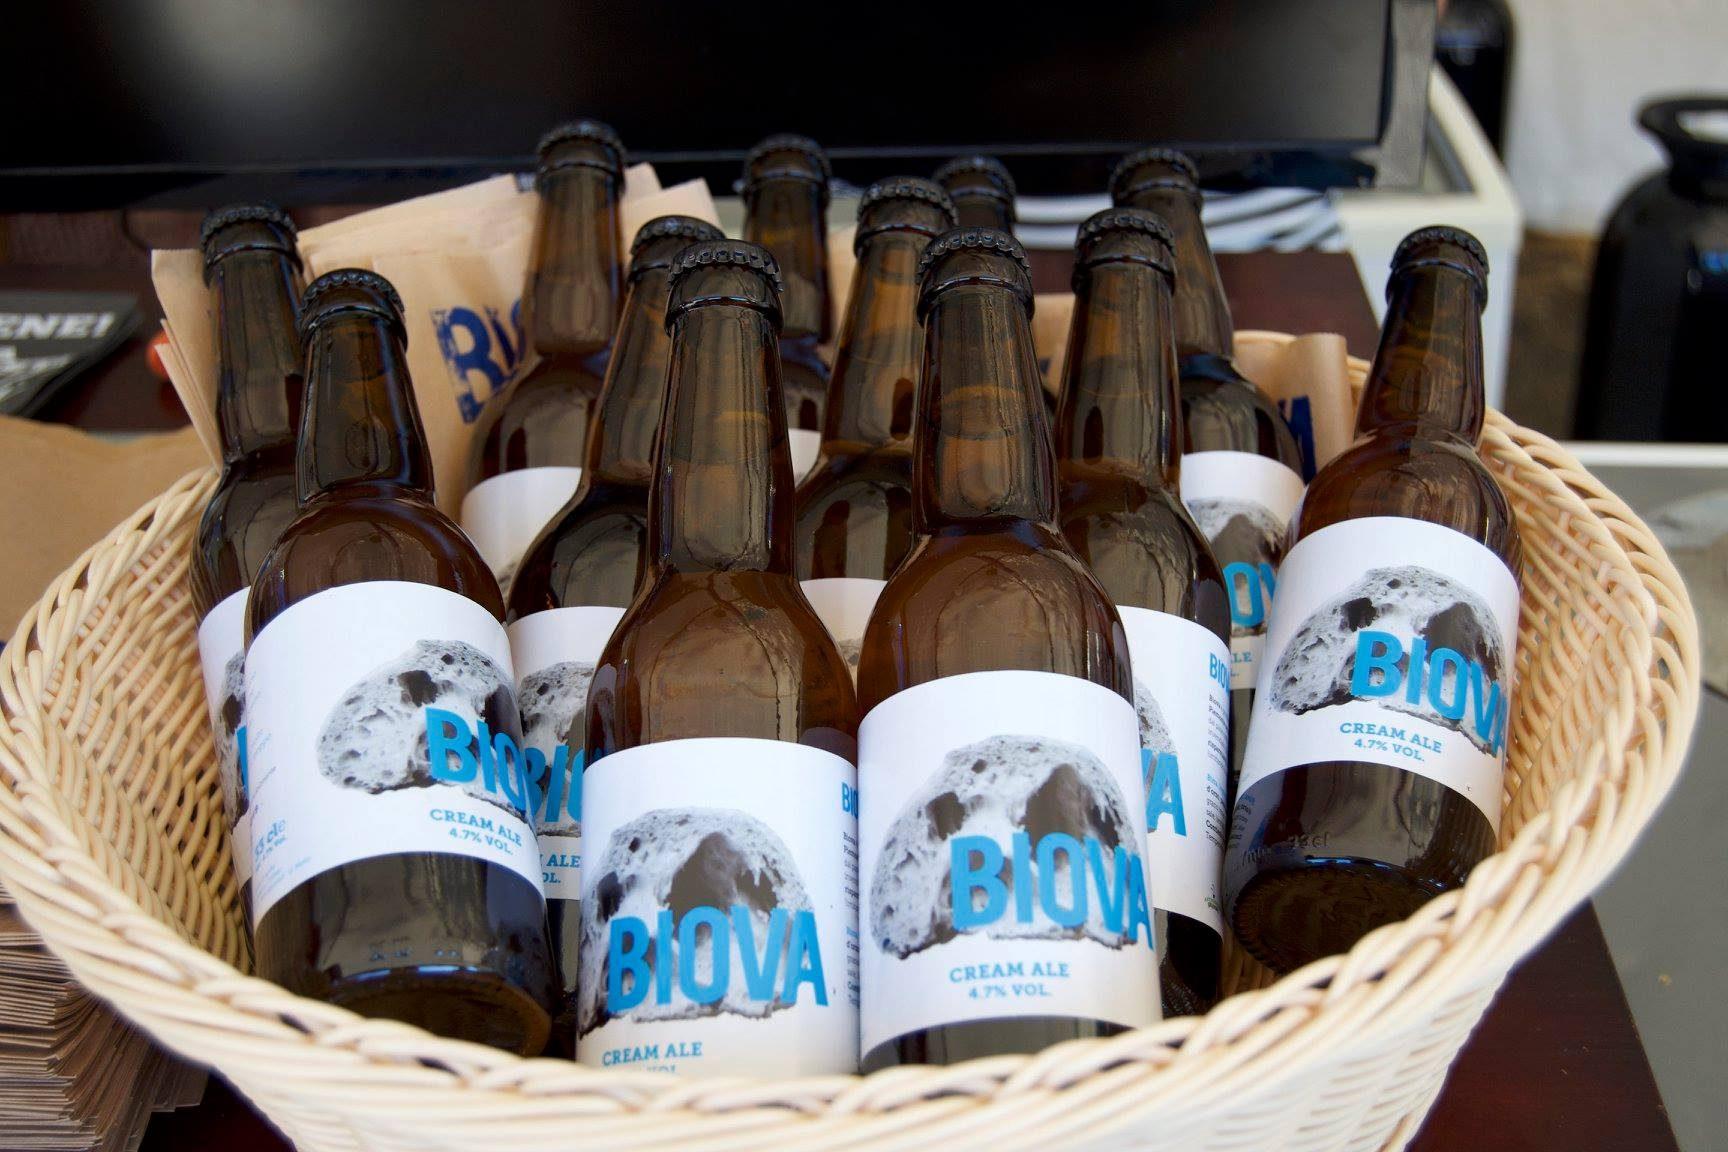 Una birra che nasce dal pane vecchio: l'idea di tre piemontesi contro lo spreco alimentare